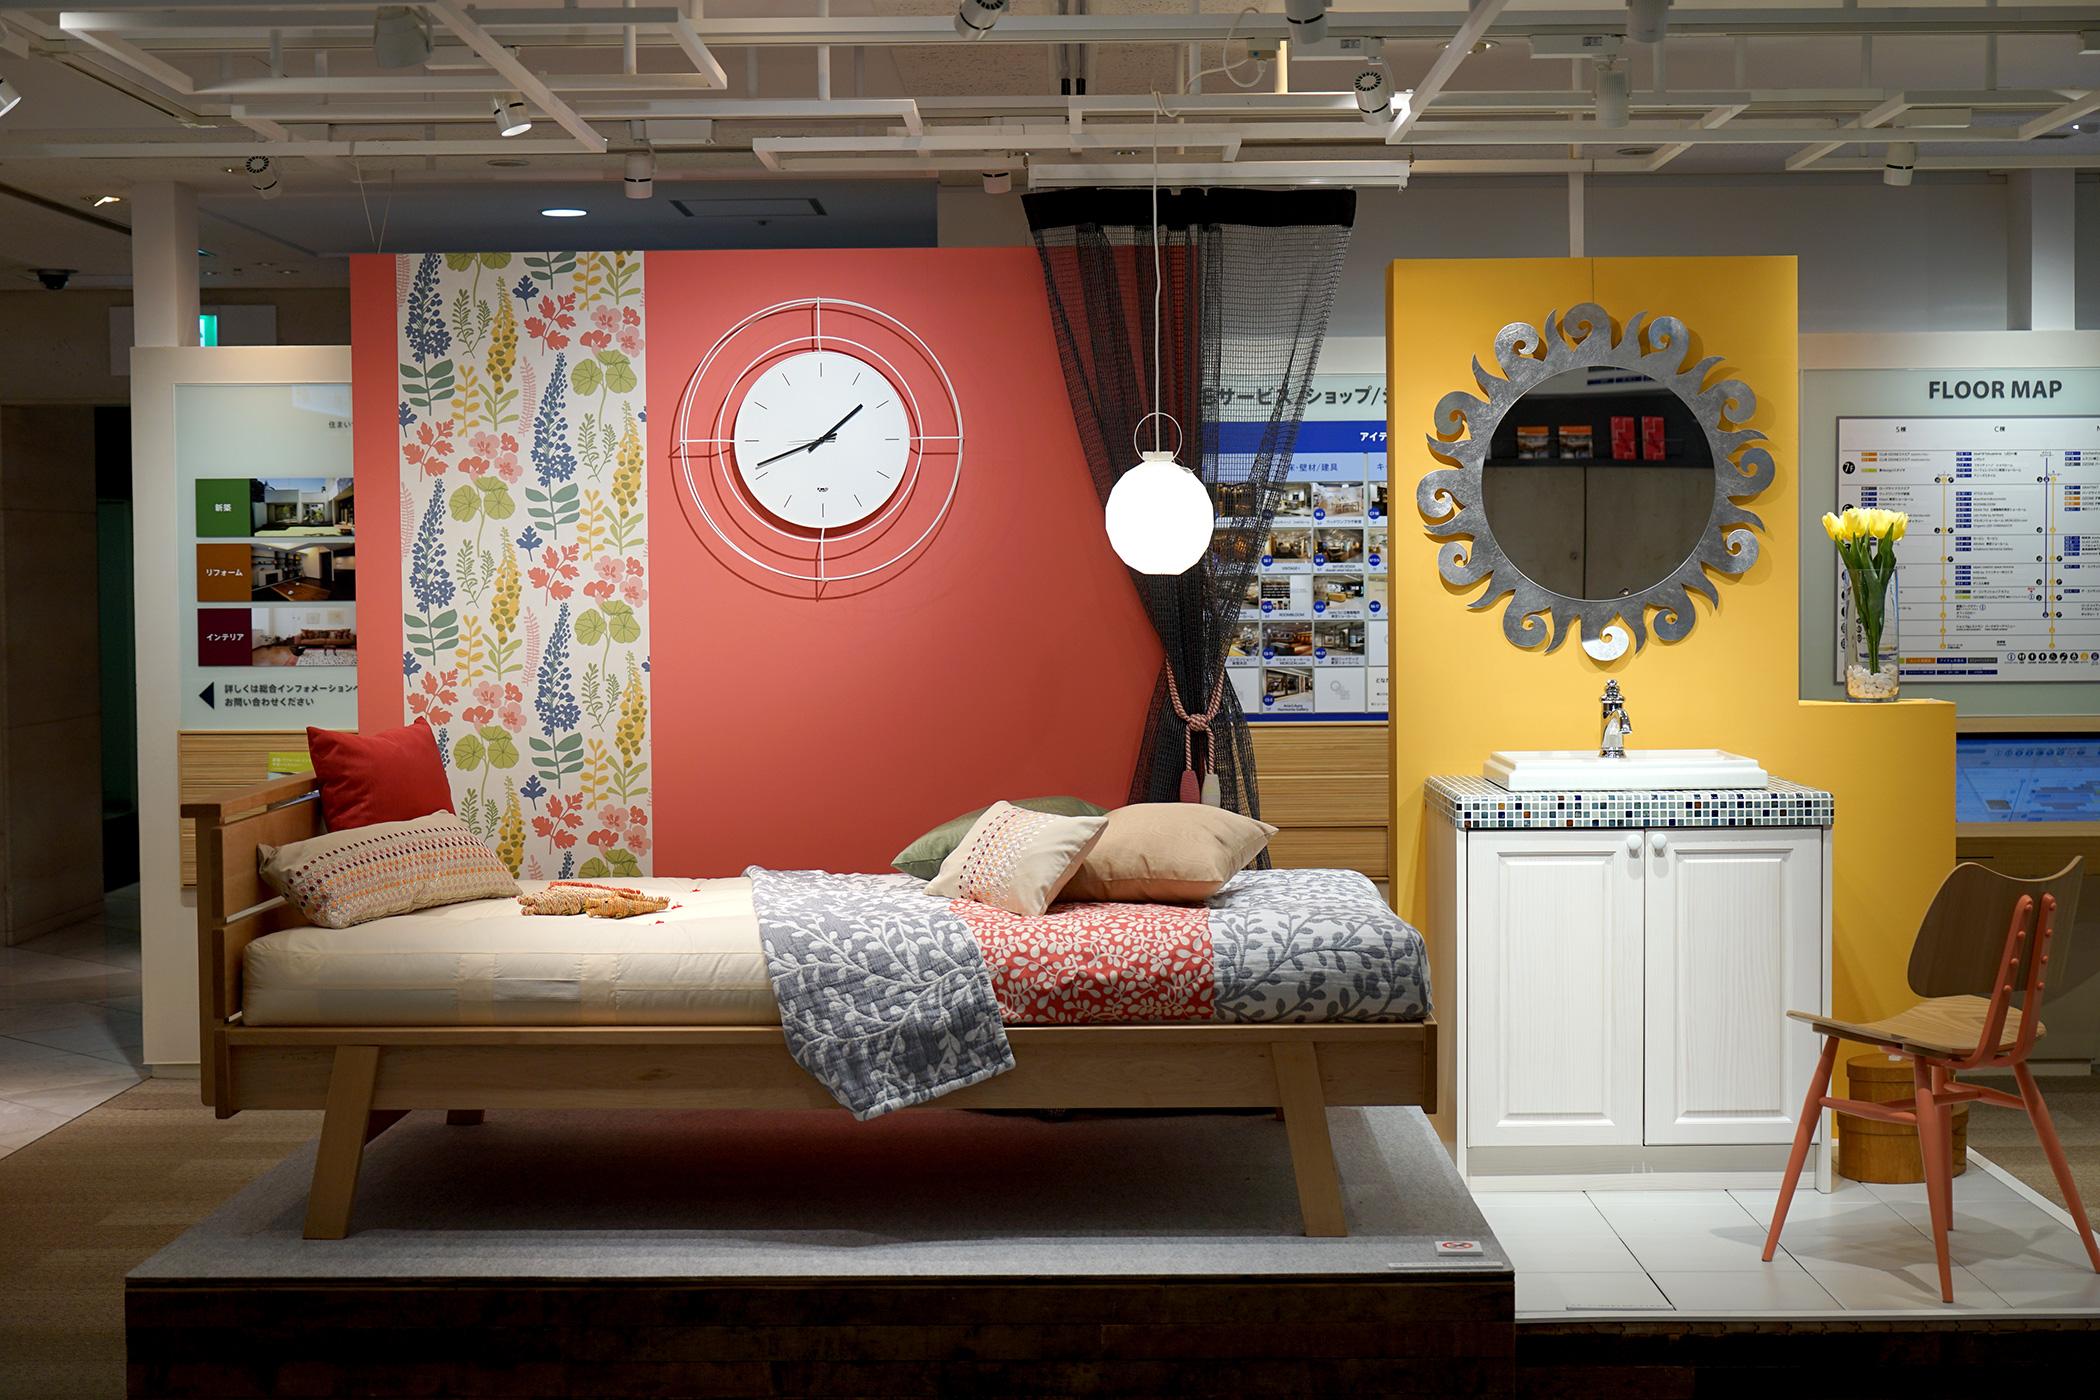 OZONE 3Fのインスタレーションで、NUDO Wall Clock、SOLE Mirrorが展示